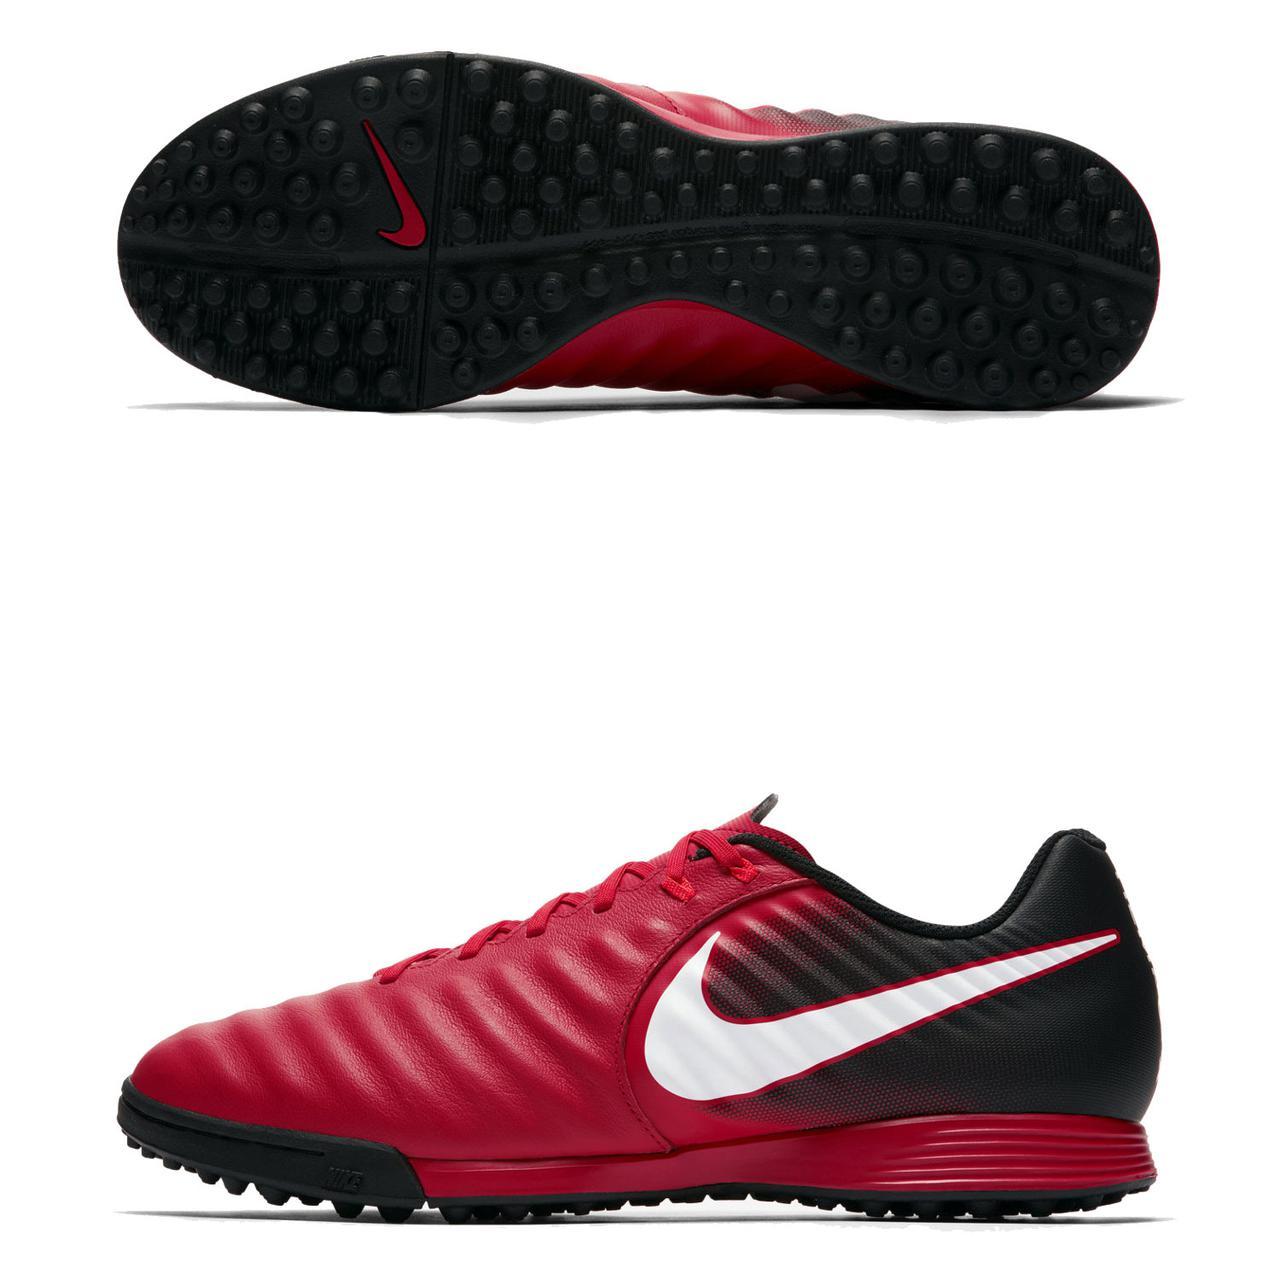 dc5574d2 Сороконожки футбольные Nike TIEMPOX LIGERA IV TF 897766 - 616 -  Интернет-магазин